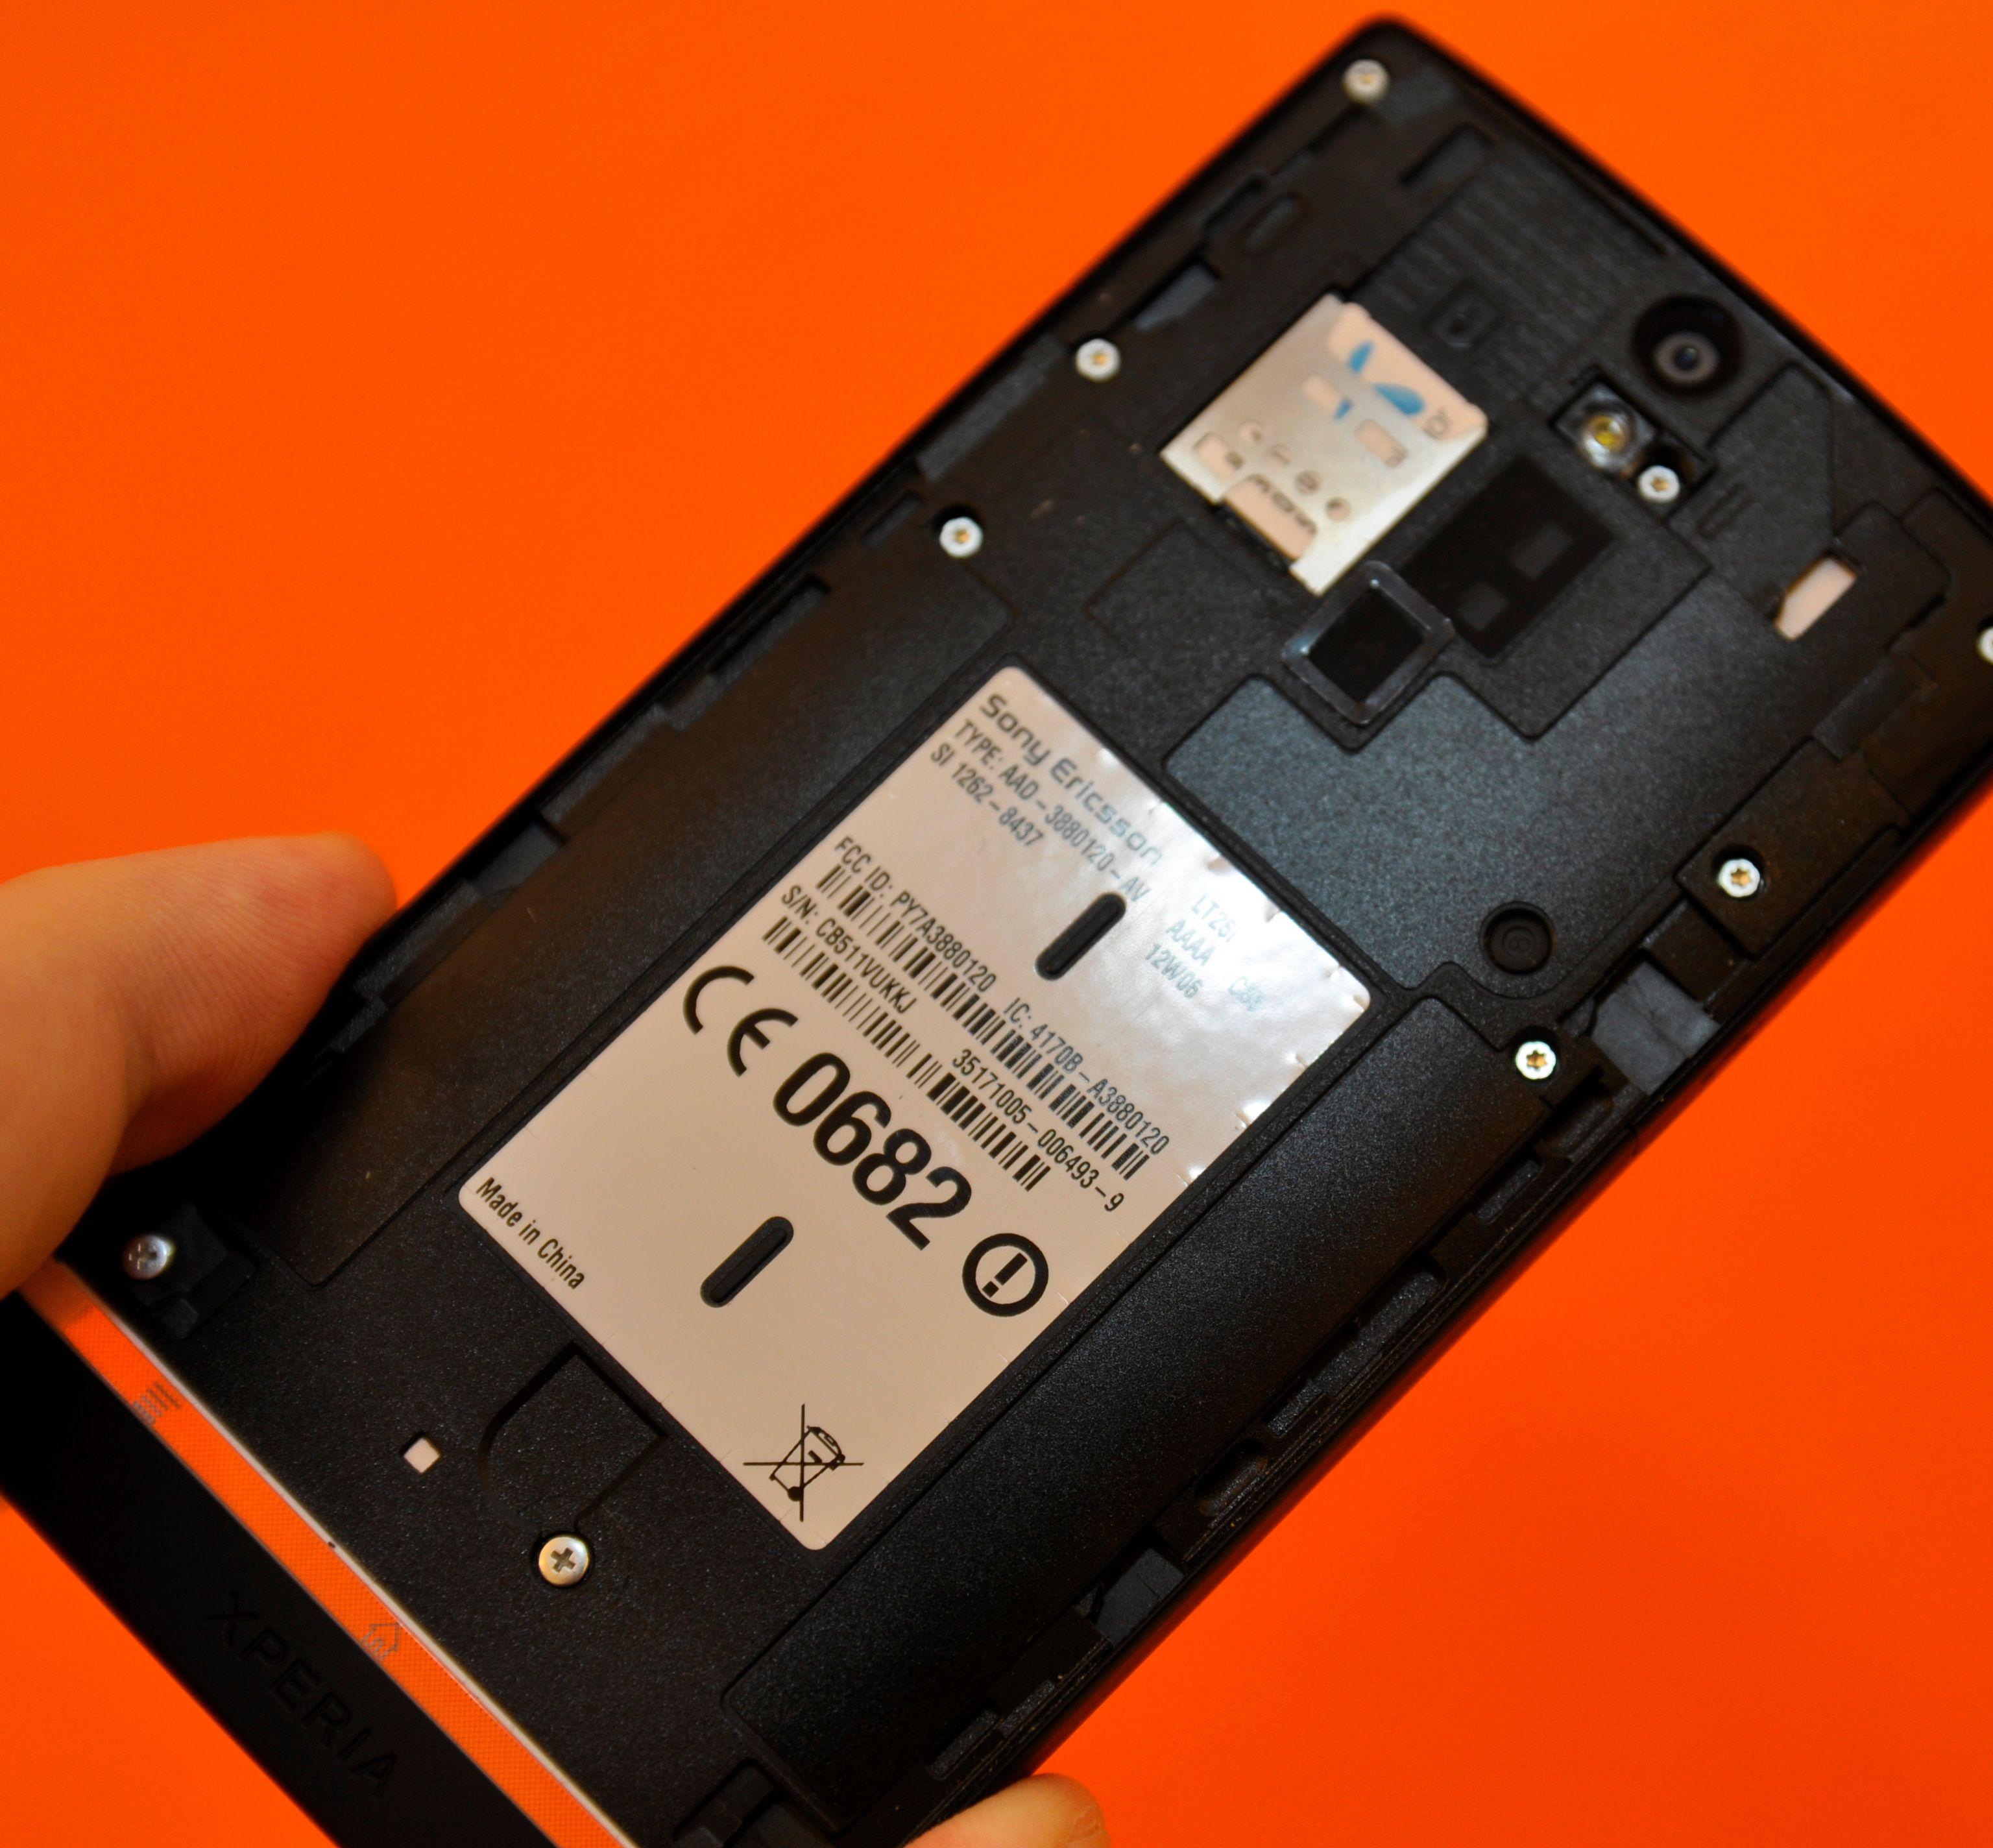 Det store dekselet bak skjuler hverken minnekort eller batteri – men et bittelite SIM-kort.